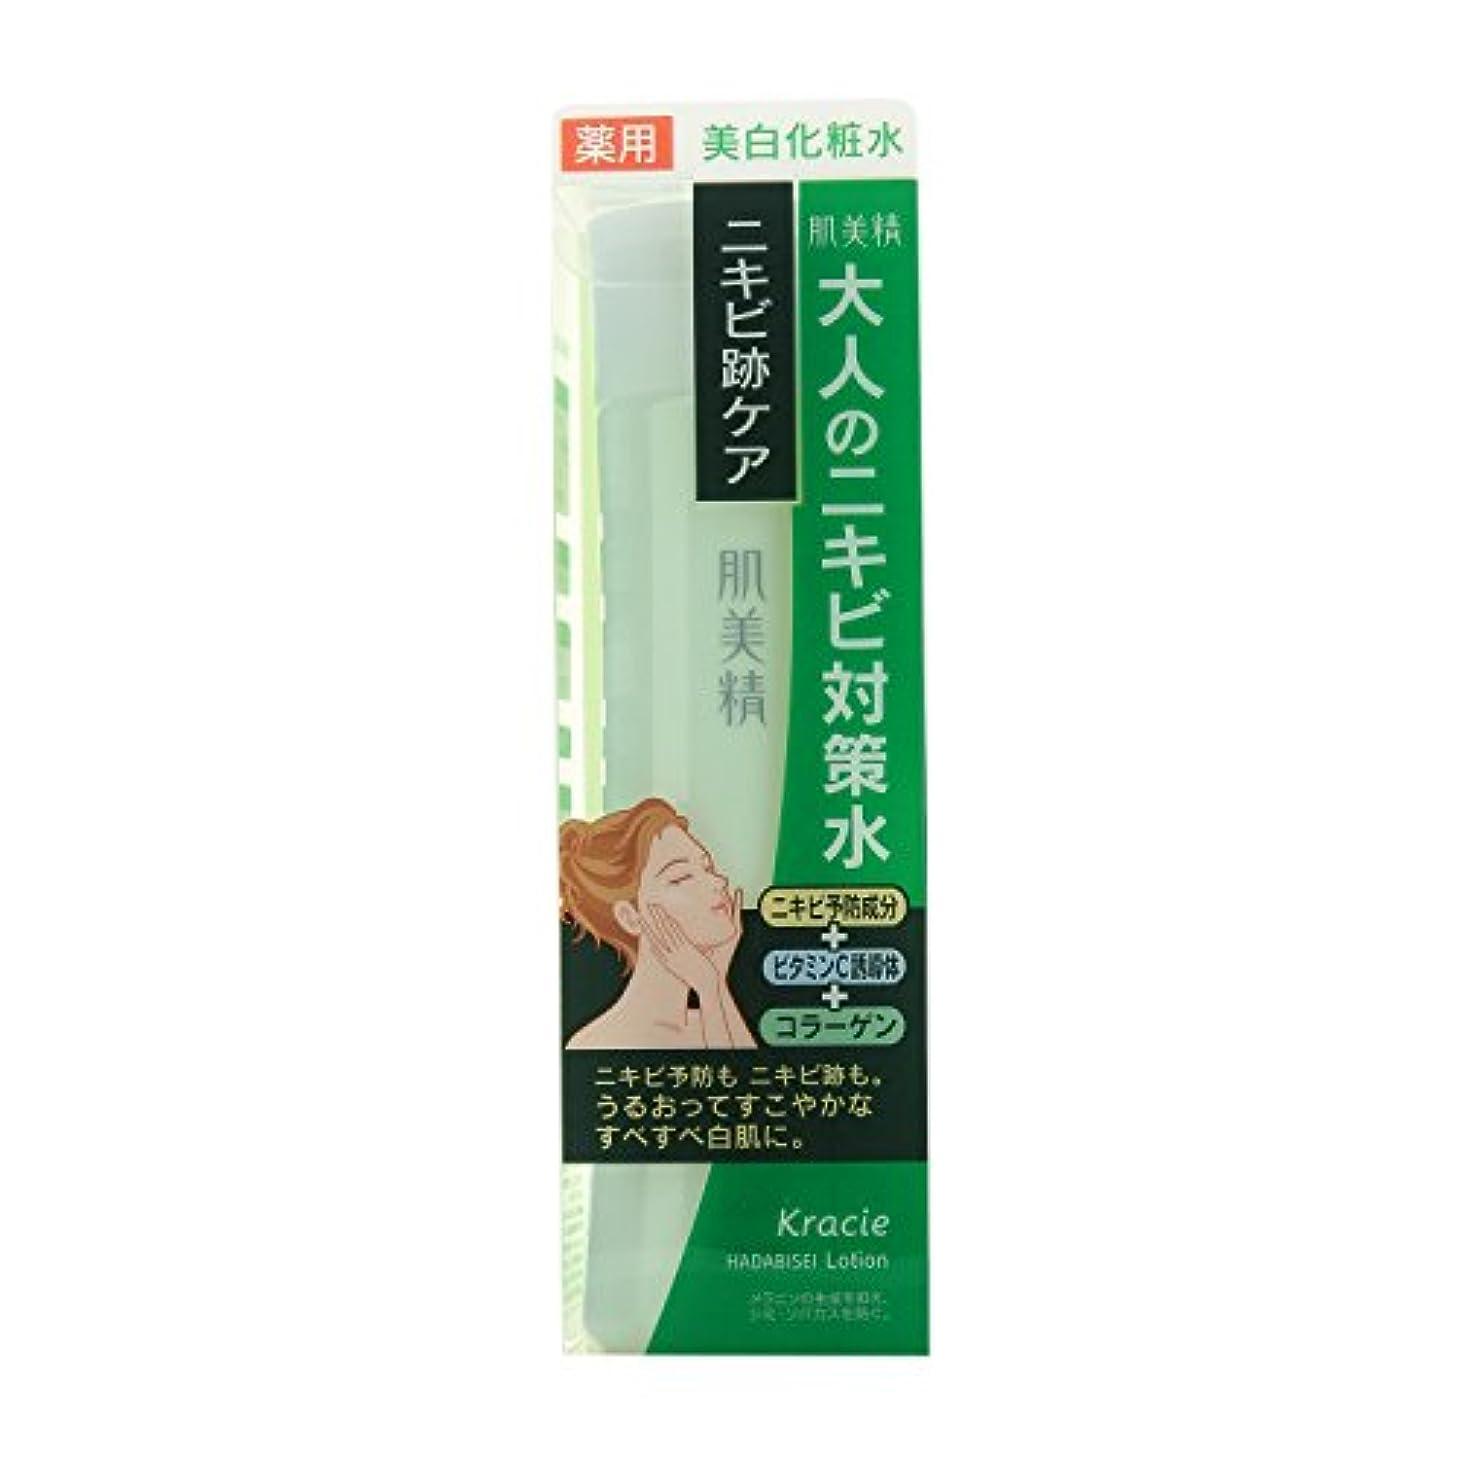 チューインガム換気詩肌美精 クリアホワイトローション (アクネケア) 200mL [医薬部外品]